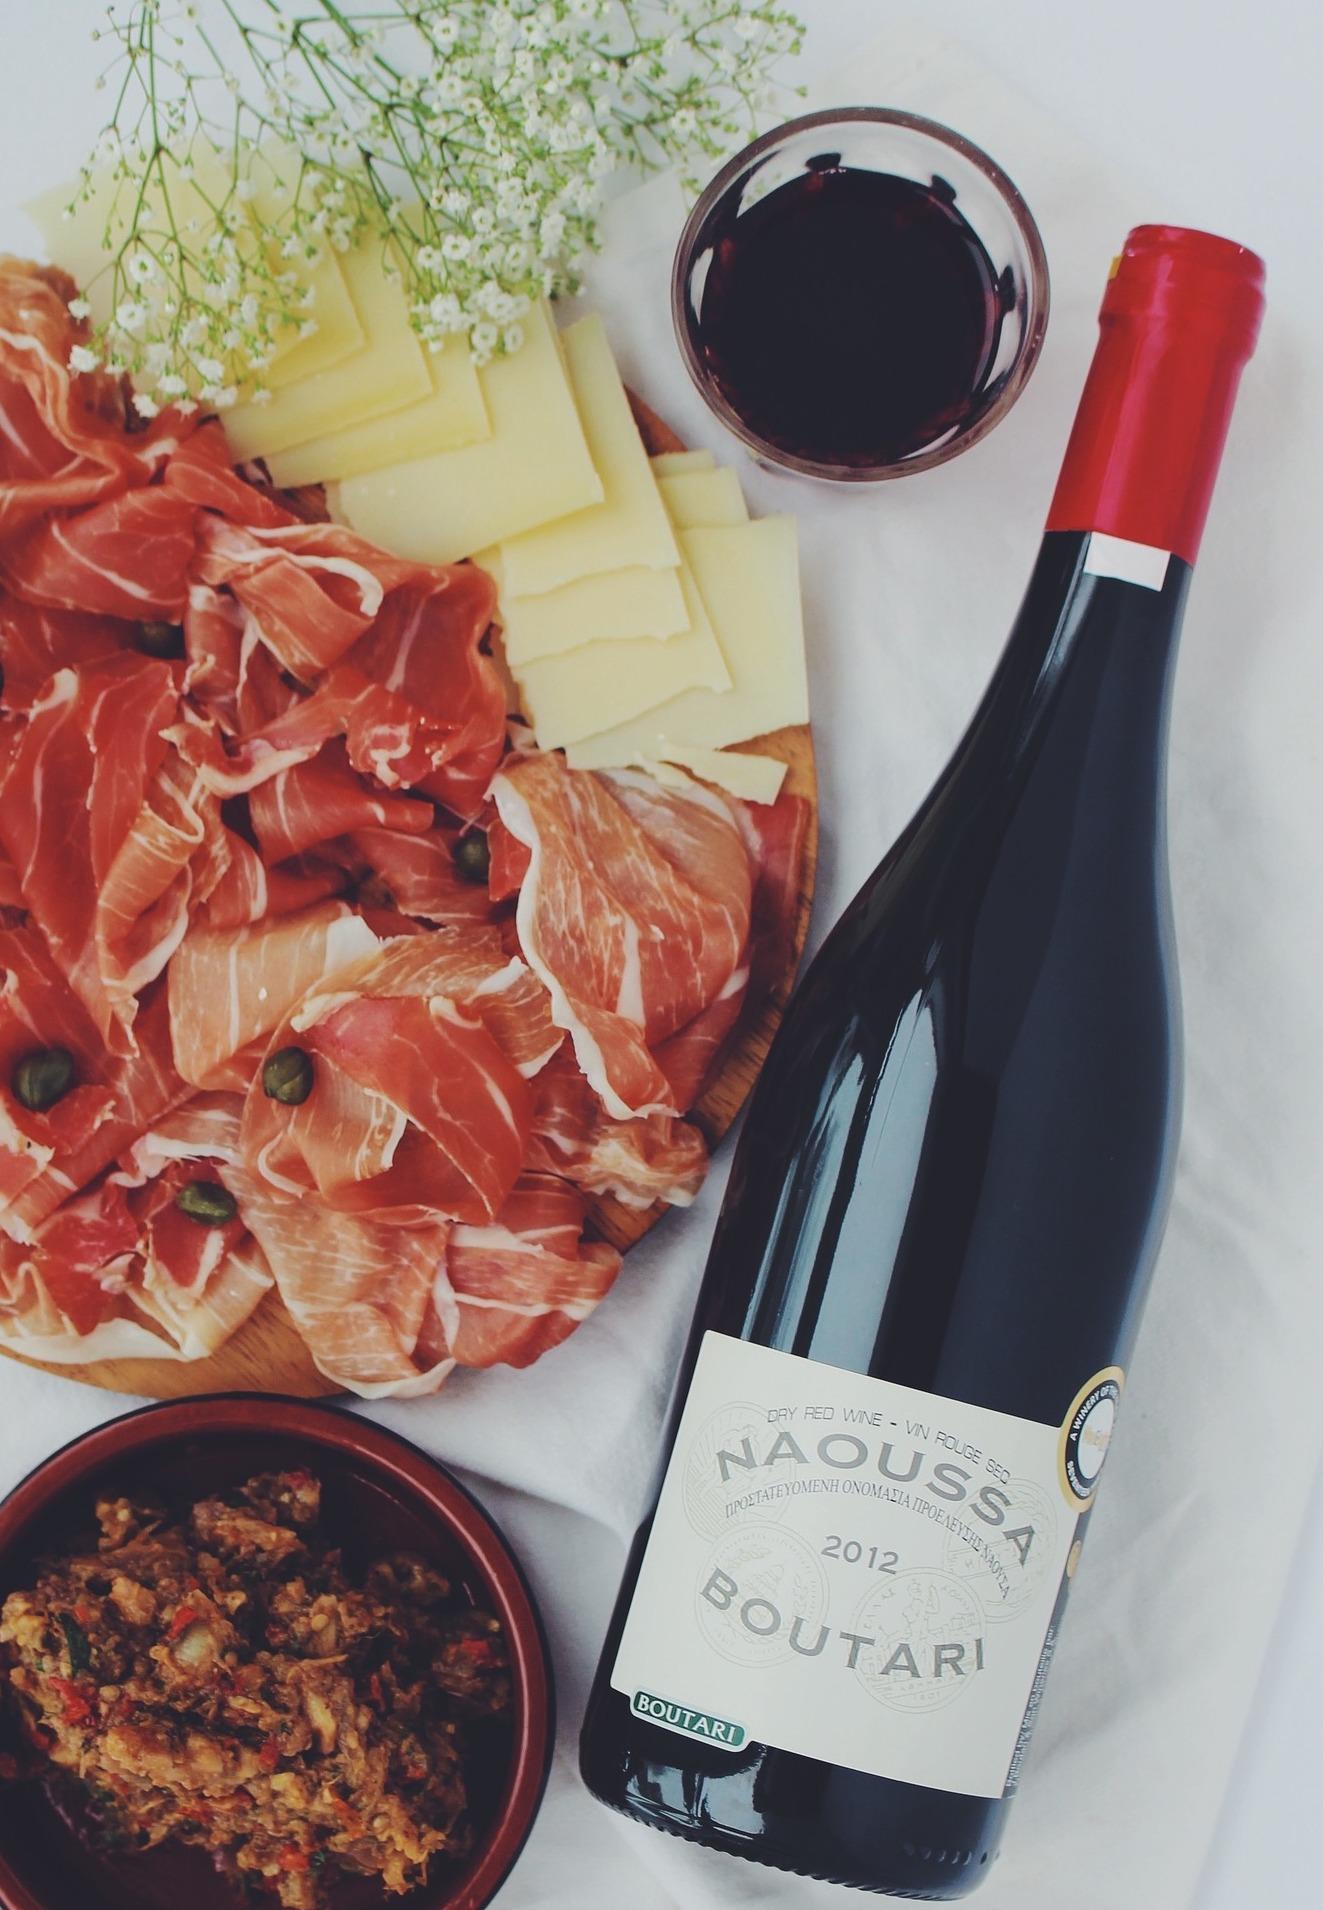 Venta de los mejores vinos, licores y jamones en Bilbao